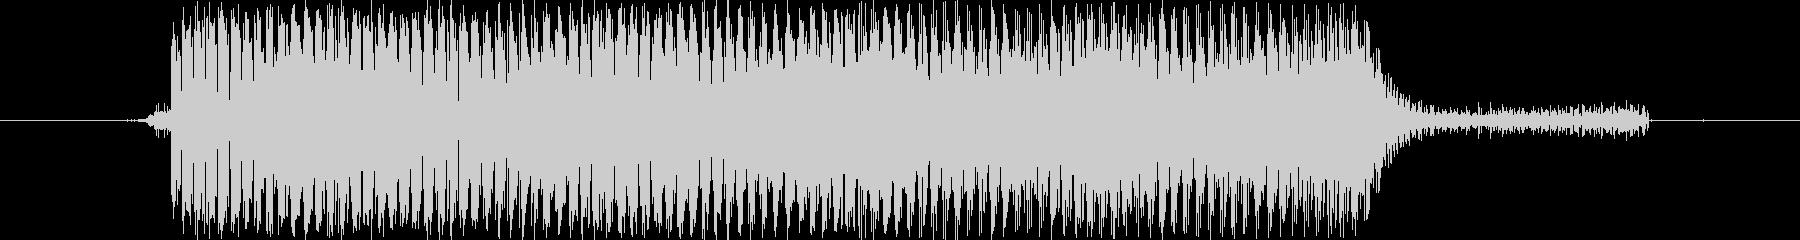 【効果音/電子音/機械/ビーム】の未再生の波形